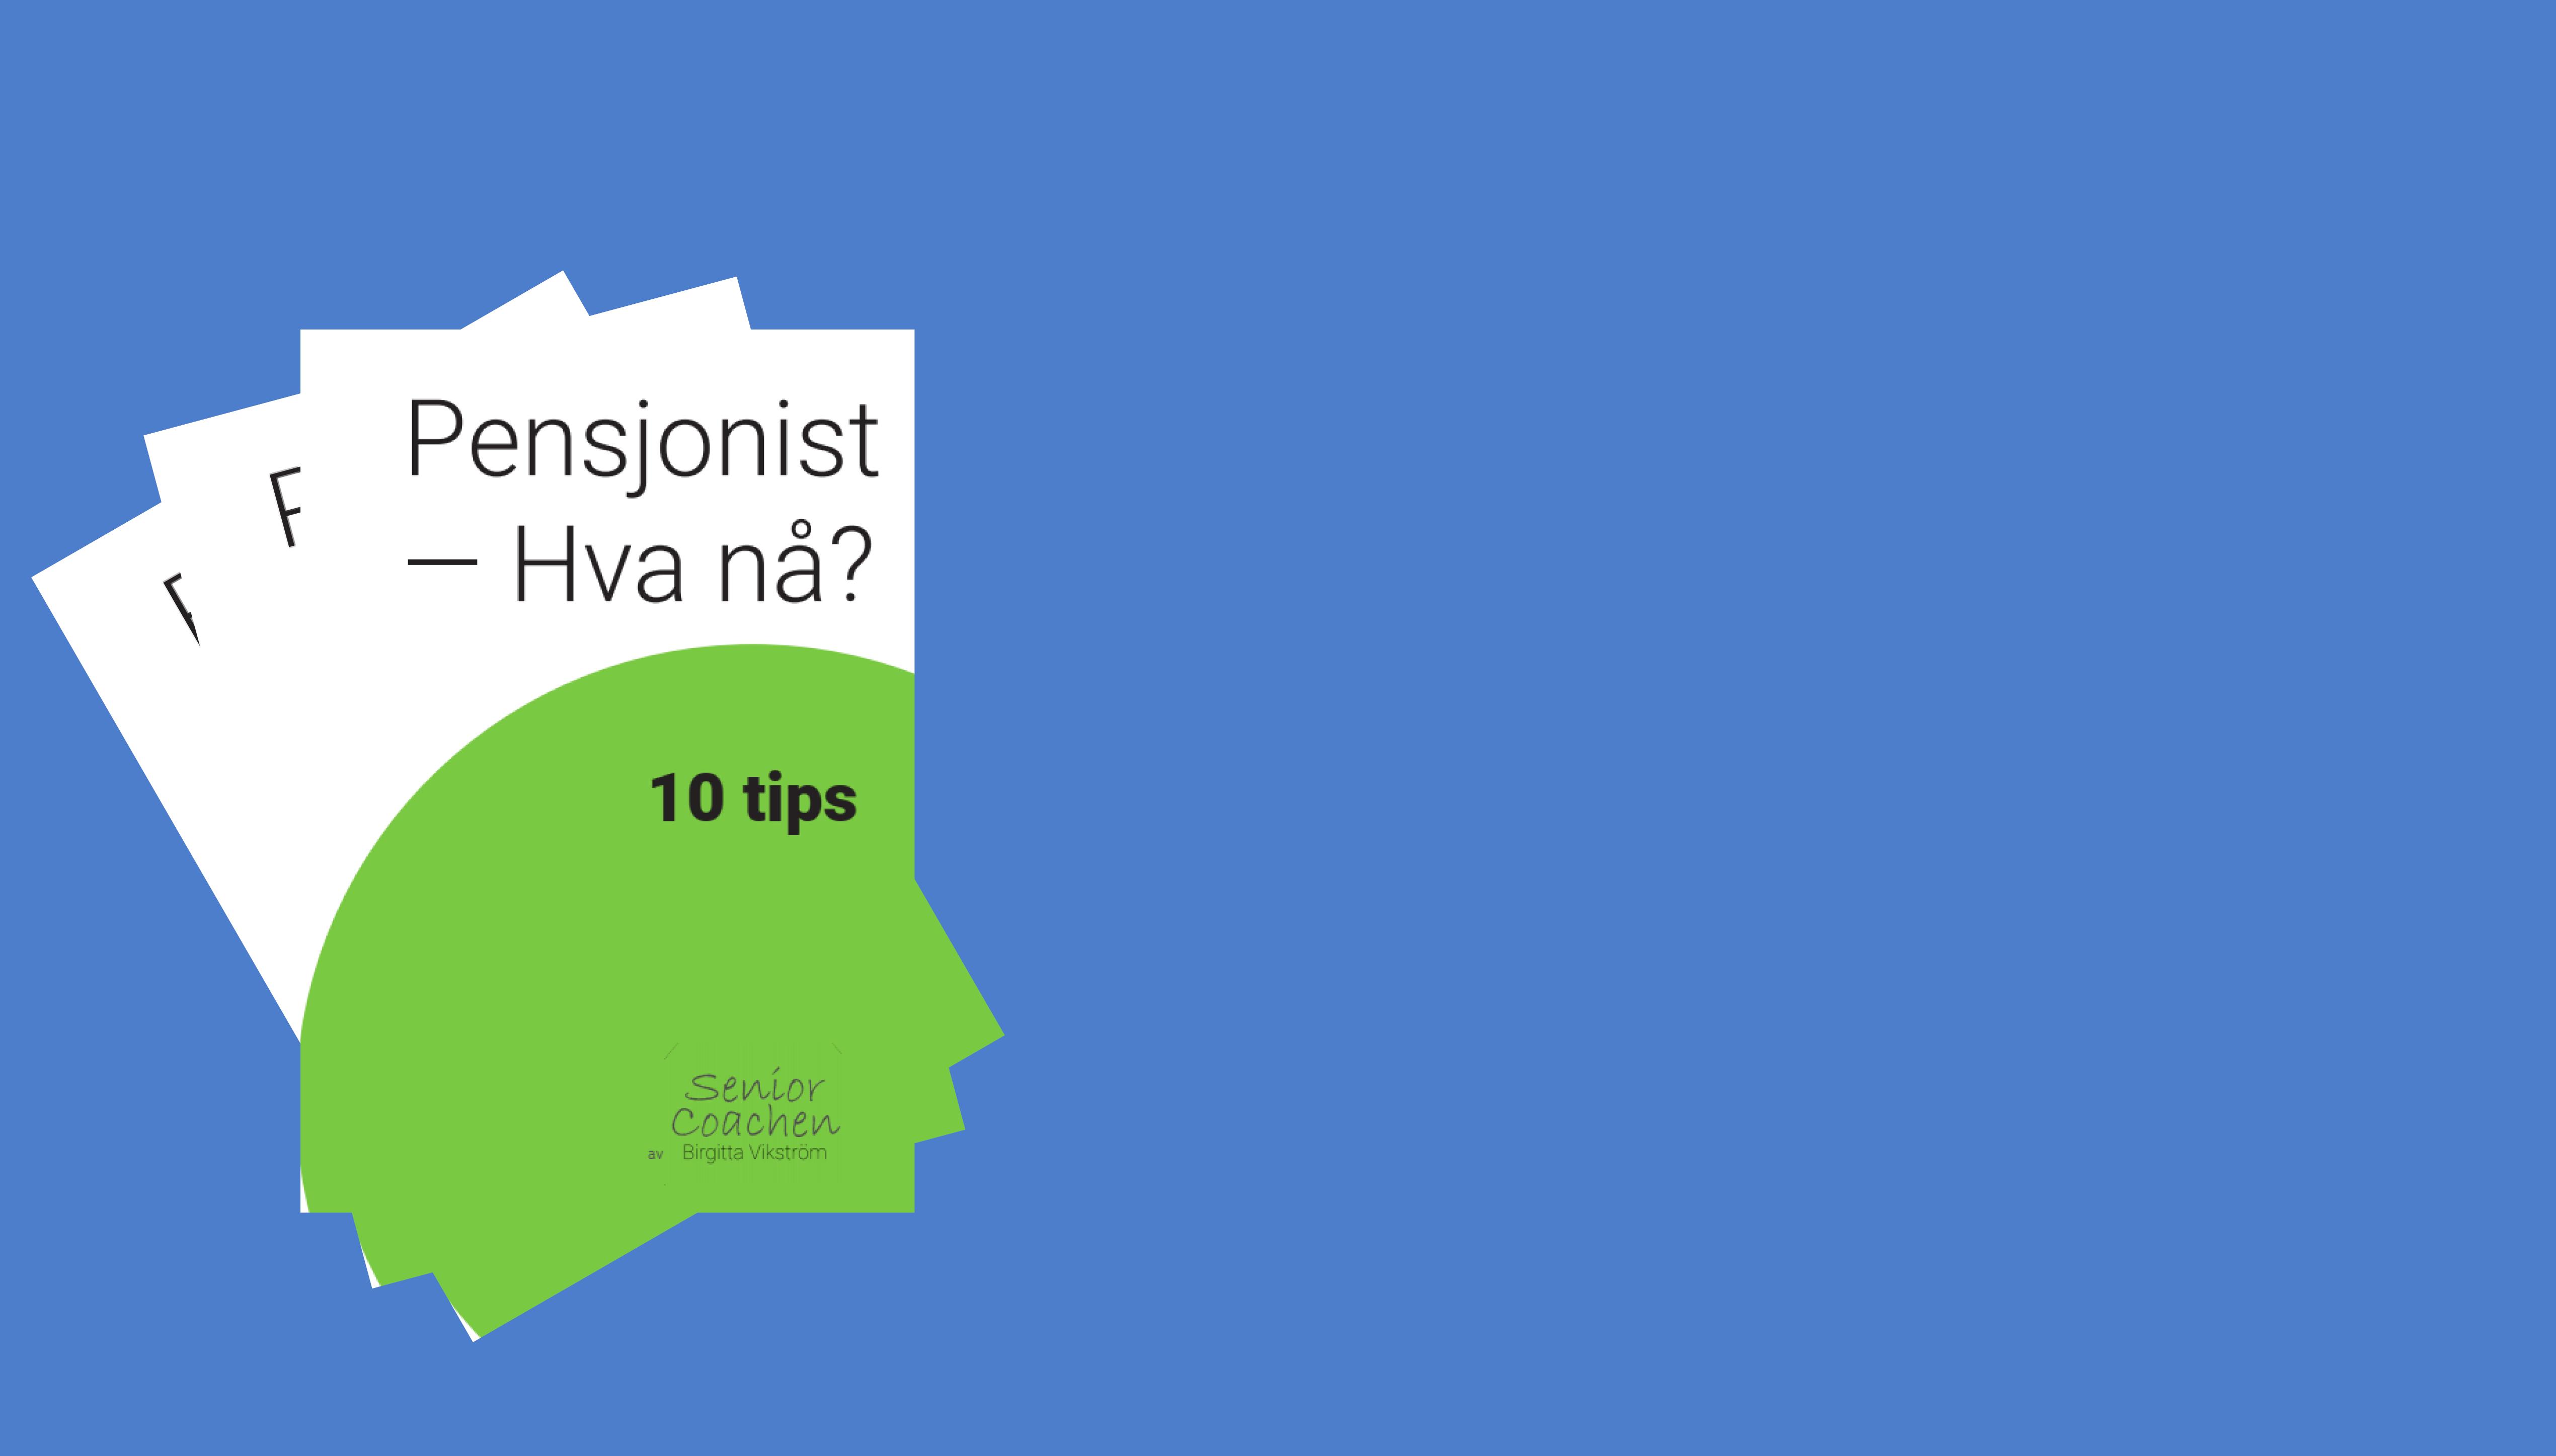 10 Tips - Pensjonist - Hva nå?